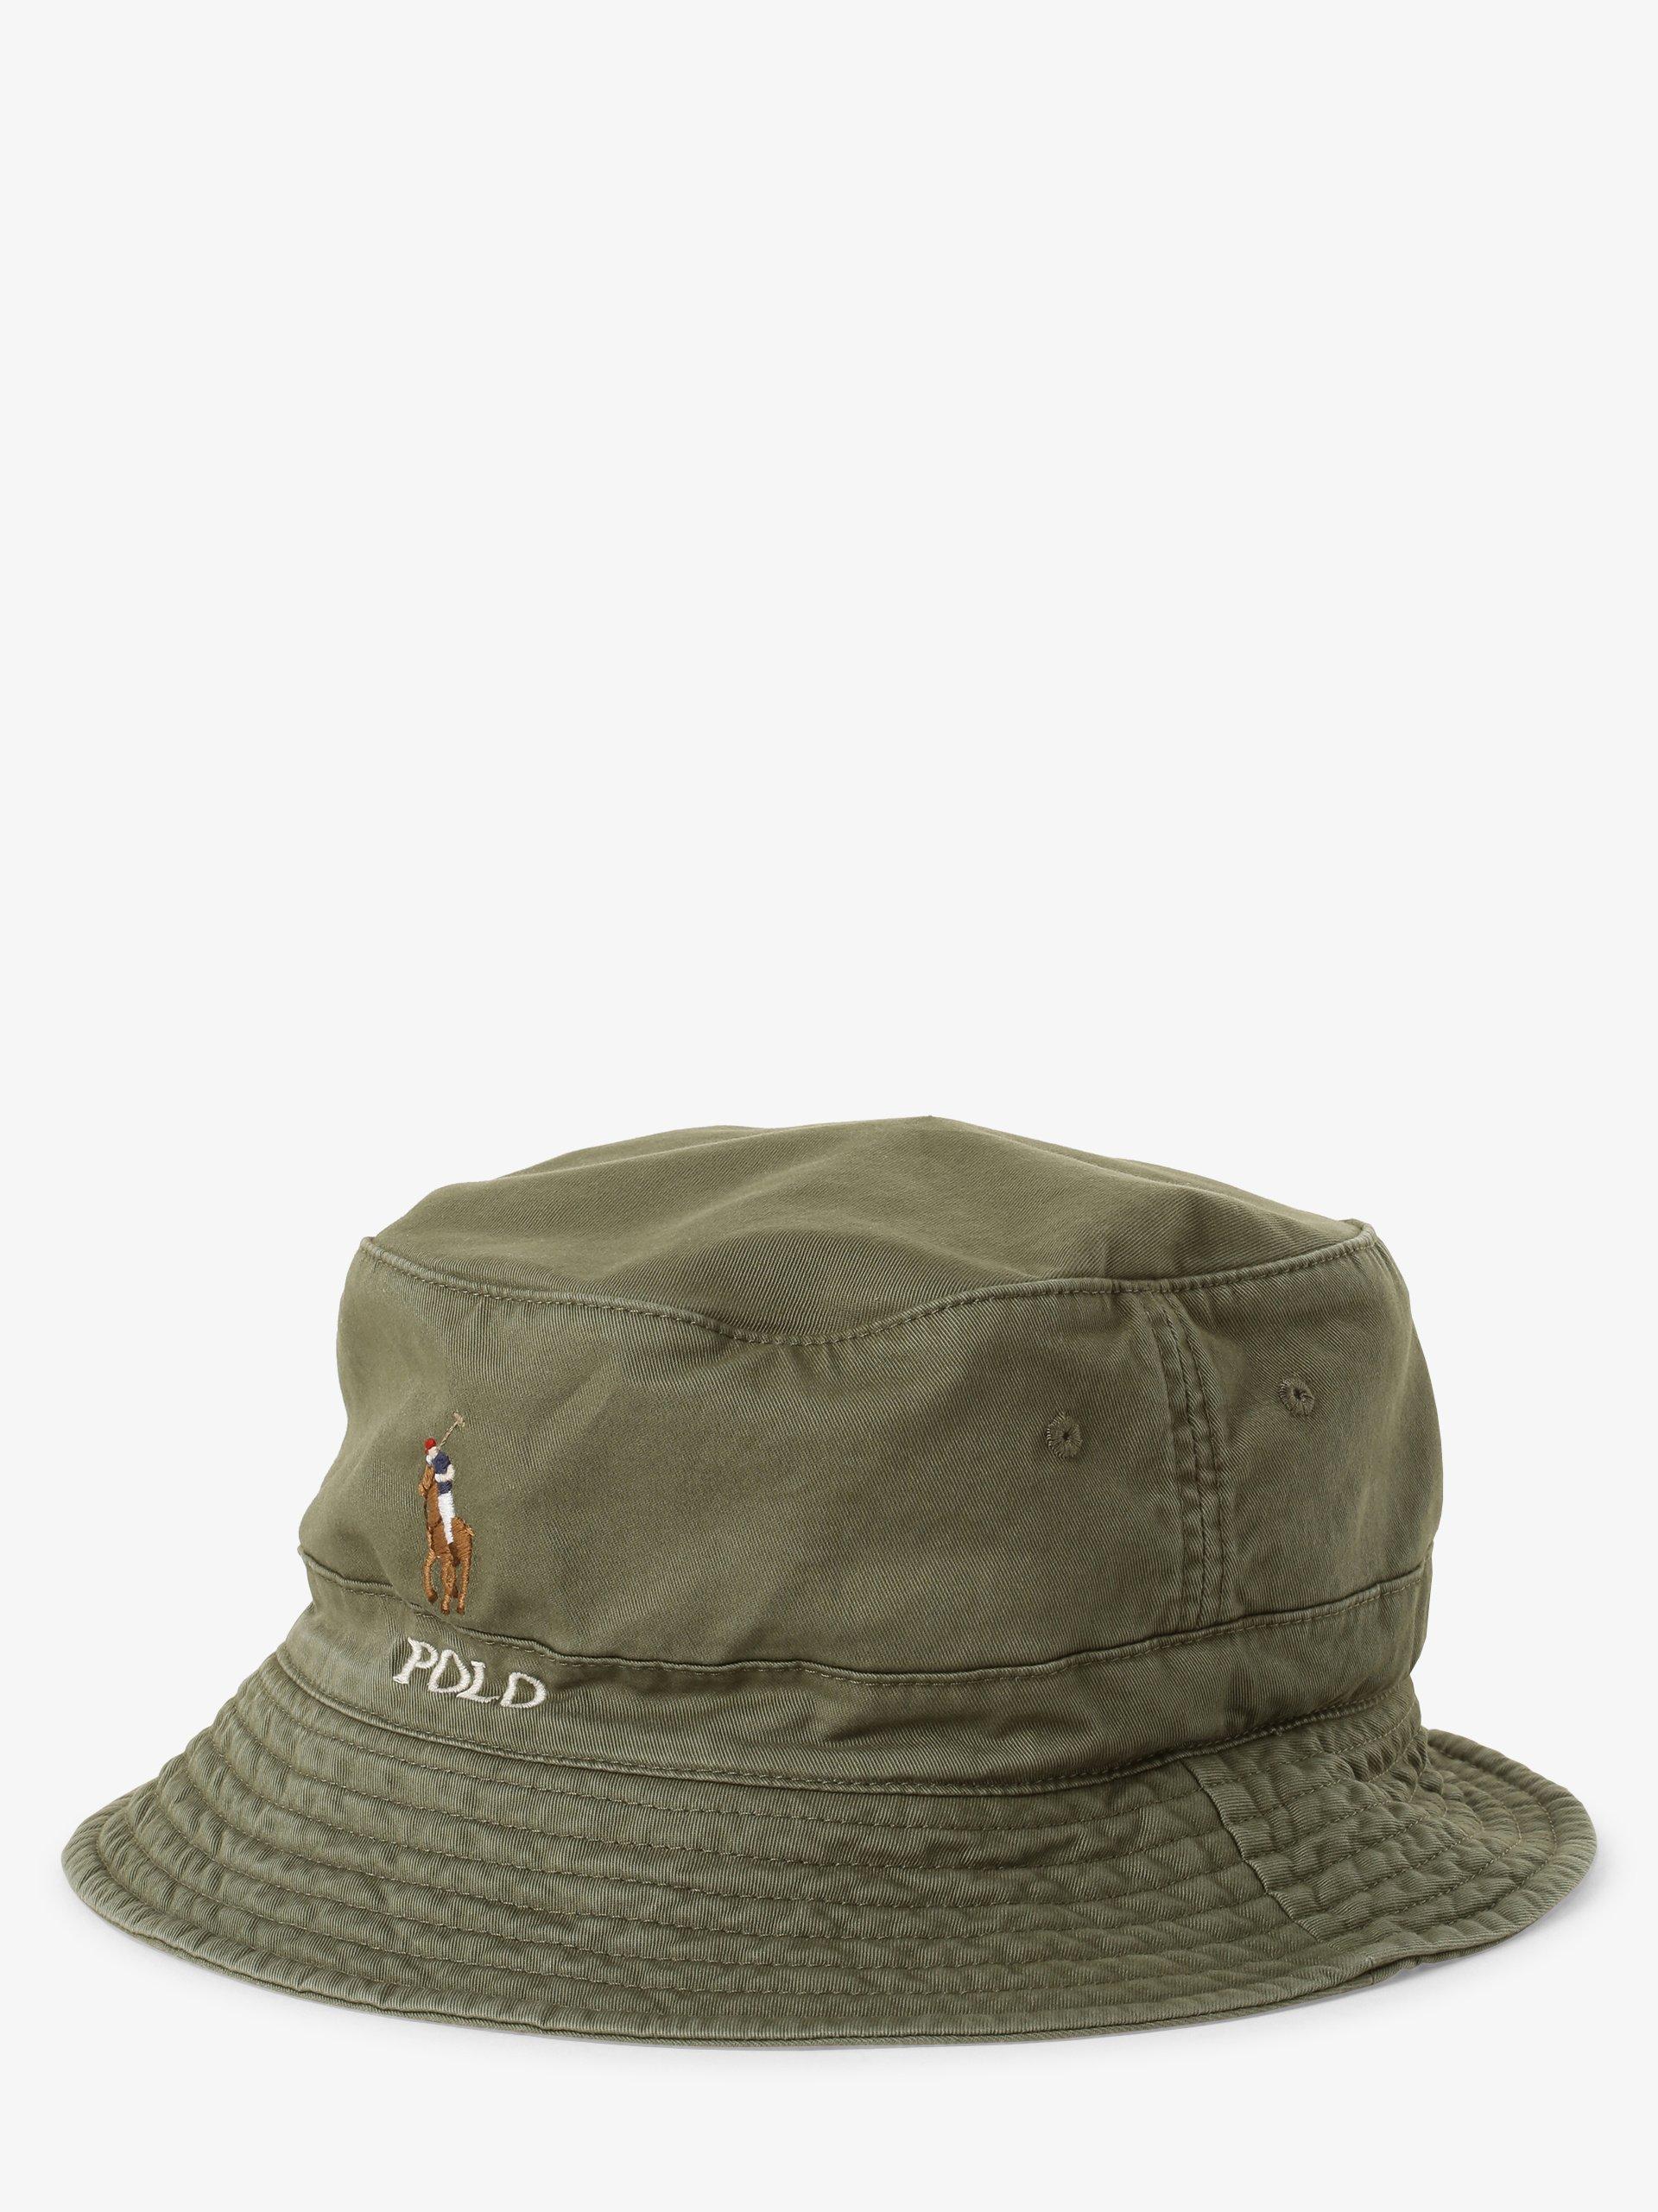 Polo Ralph Lauren Herren Hut